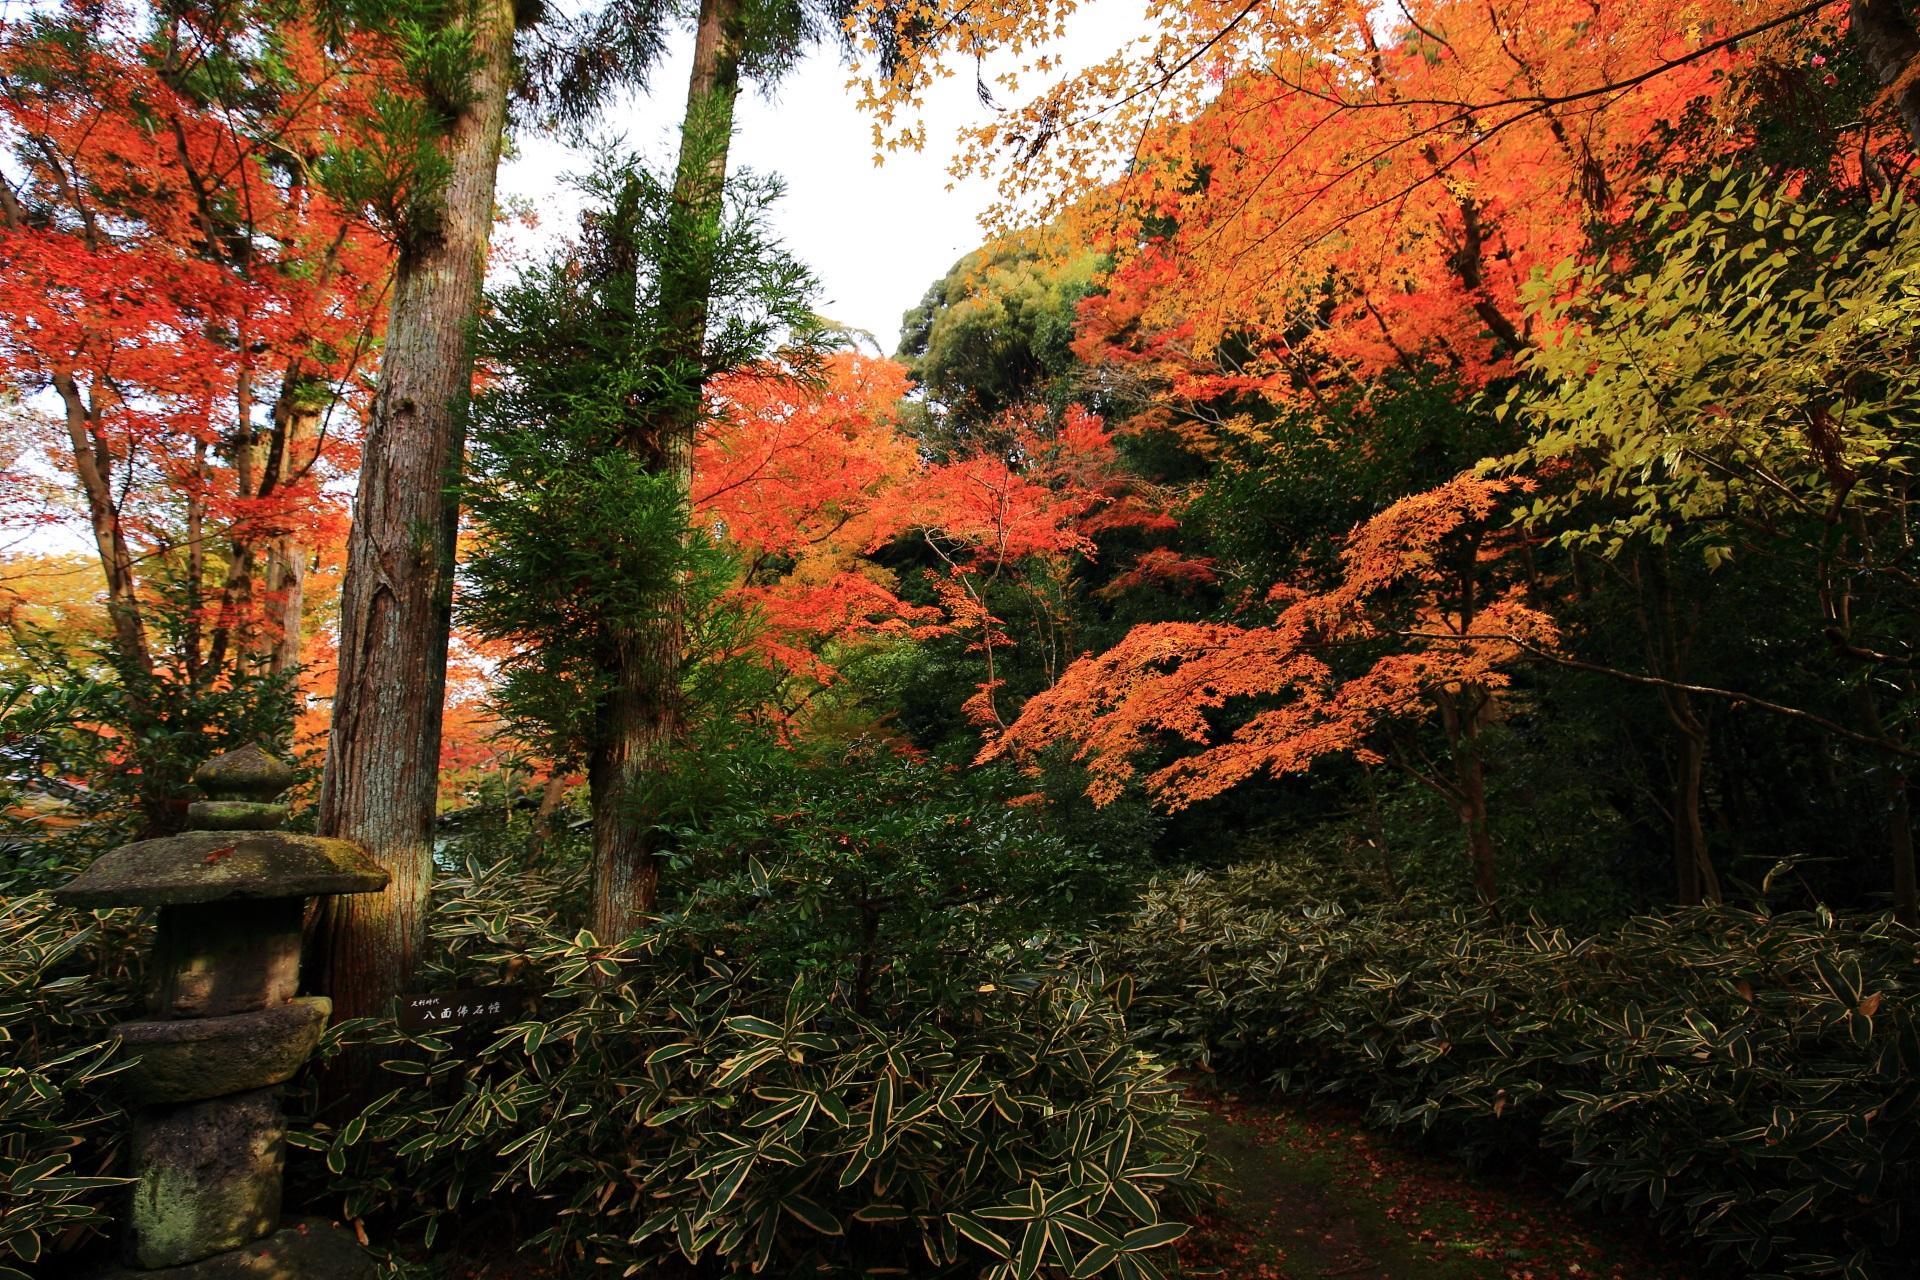 含翠庭の笹や緑や蟷螂などを彩る鮮やかな紅葉